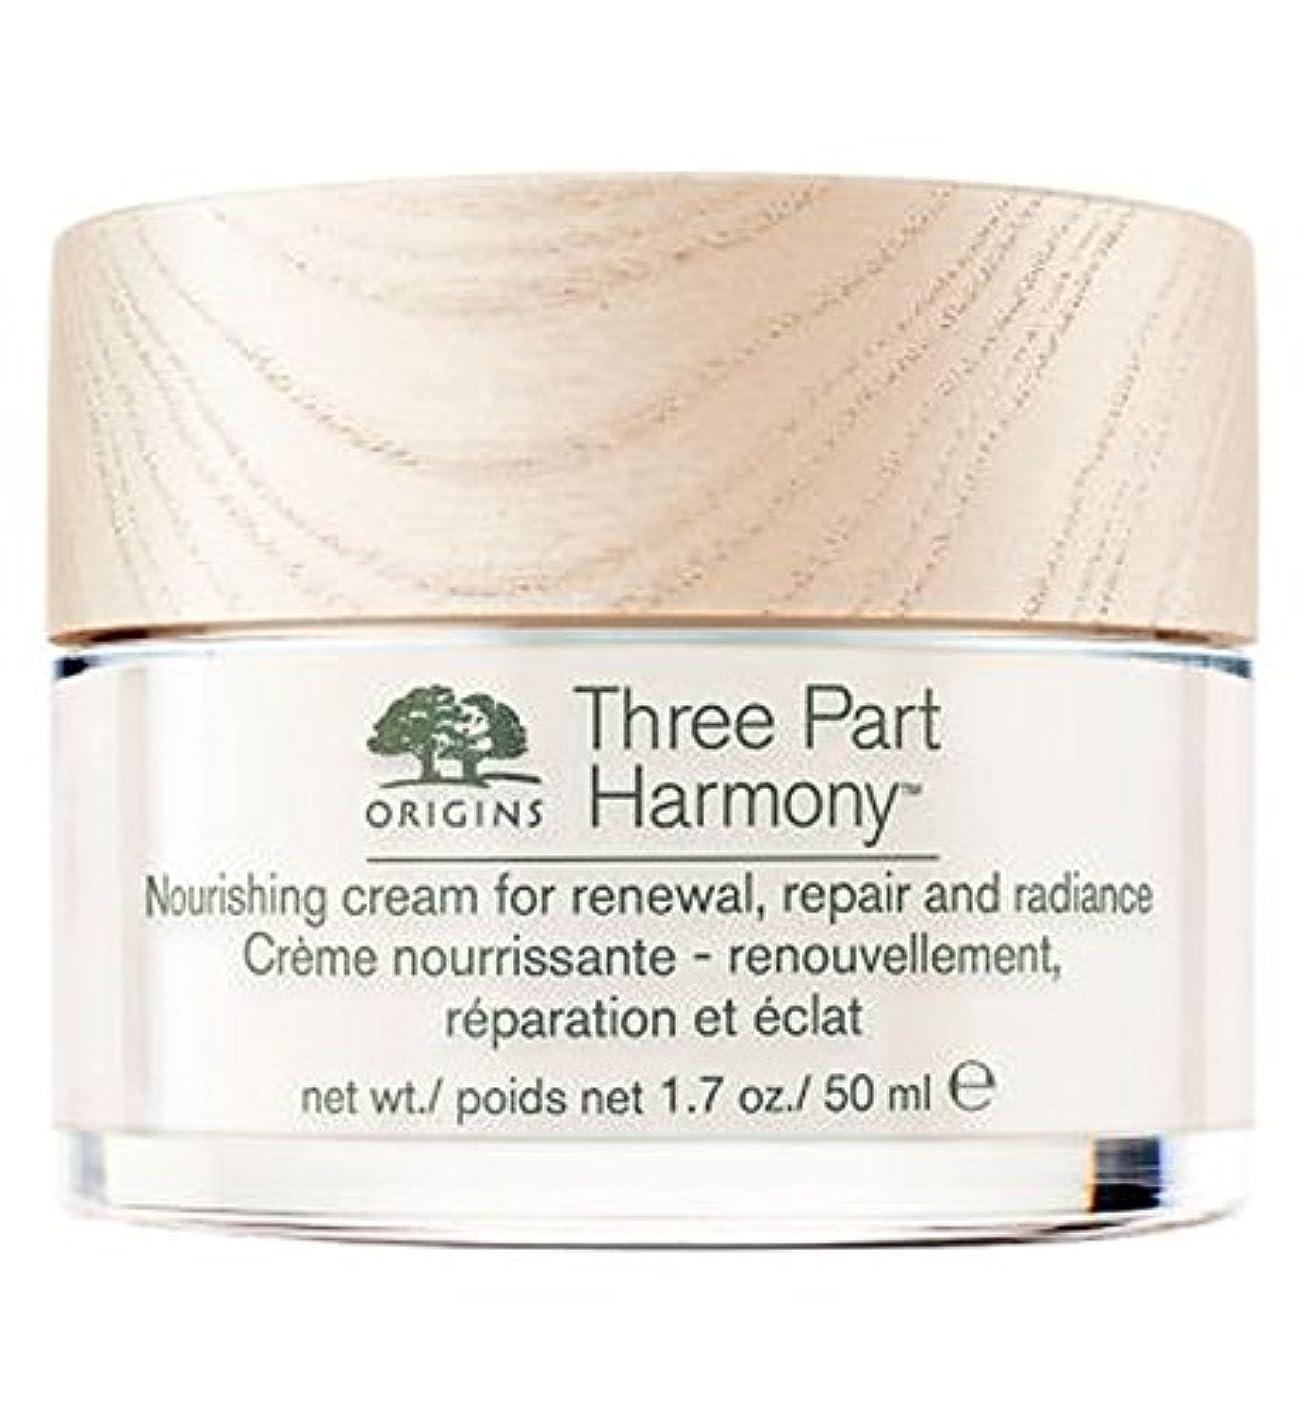 伝導率並外れてこねるOrigins Three-Part Harmony Cream 50ml - 起源3声のハーモニークリーム50ミリリットル (Origins) [並行輸入品]